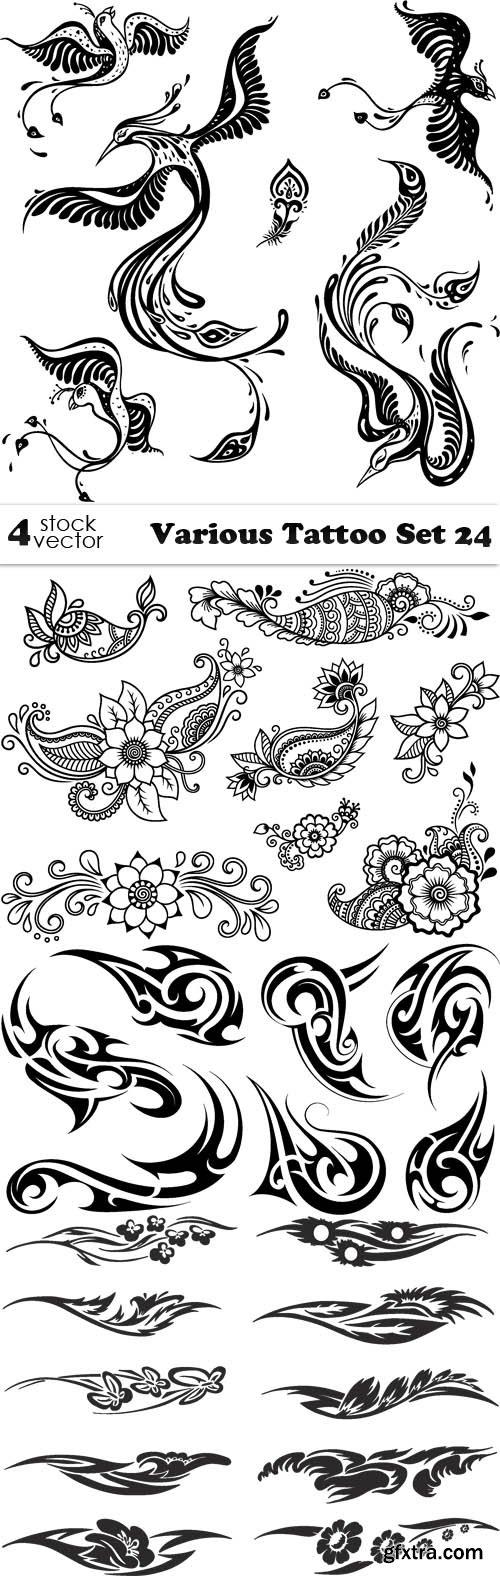 Vectors - Various Tattoo Set 24